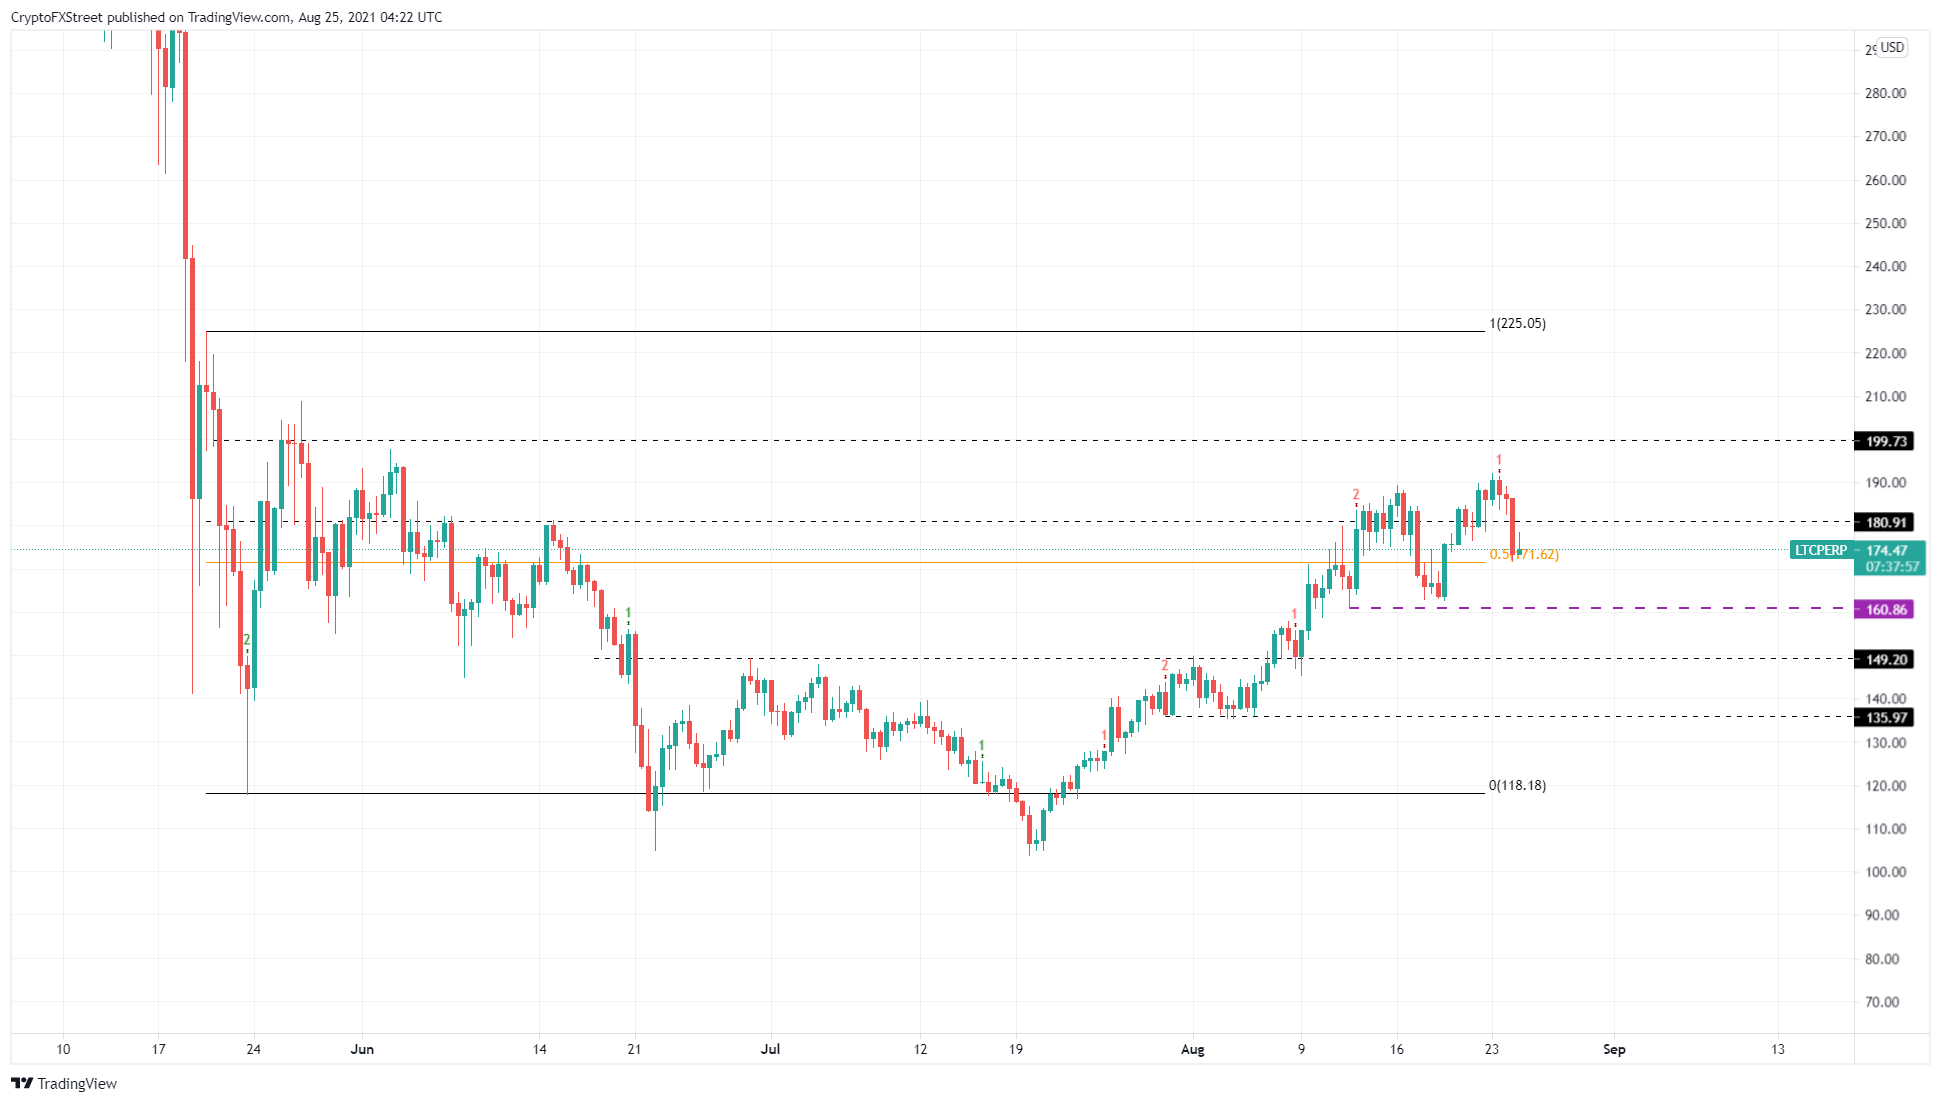 LTC/USDT 12-hour chart